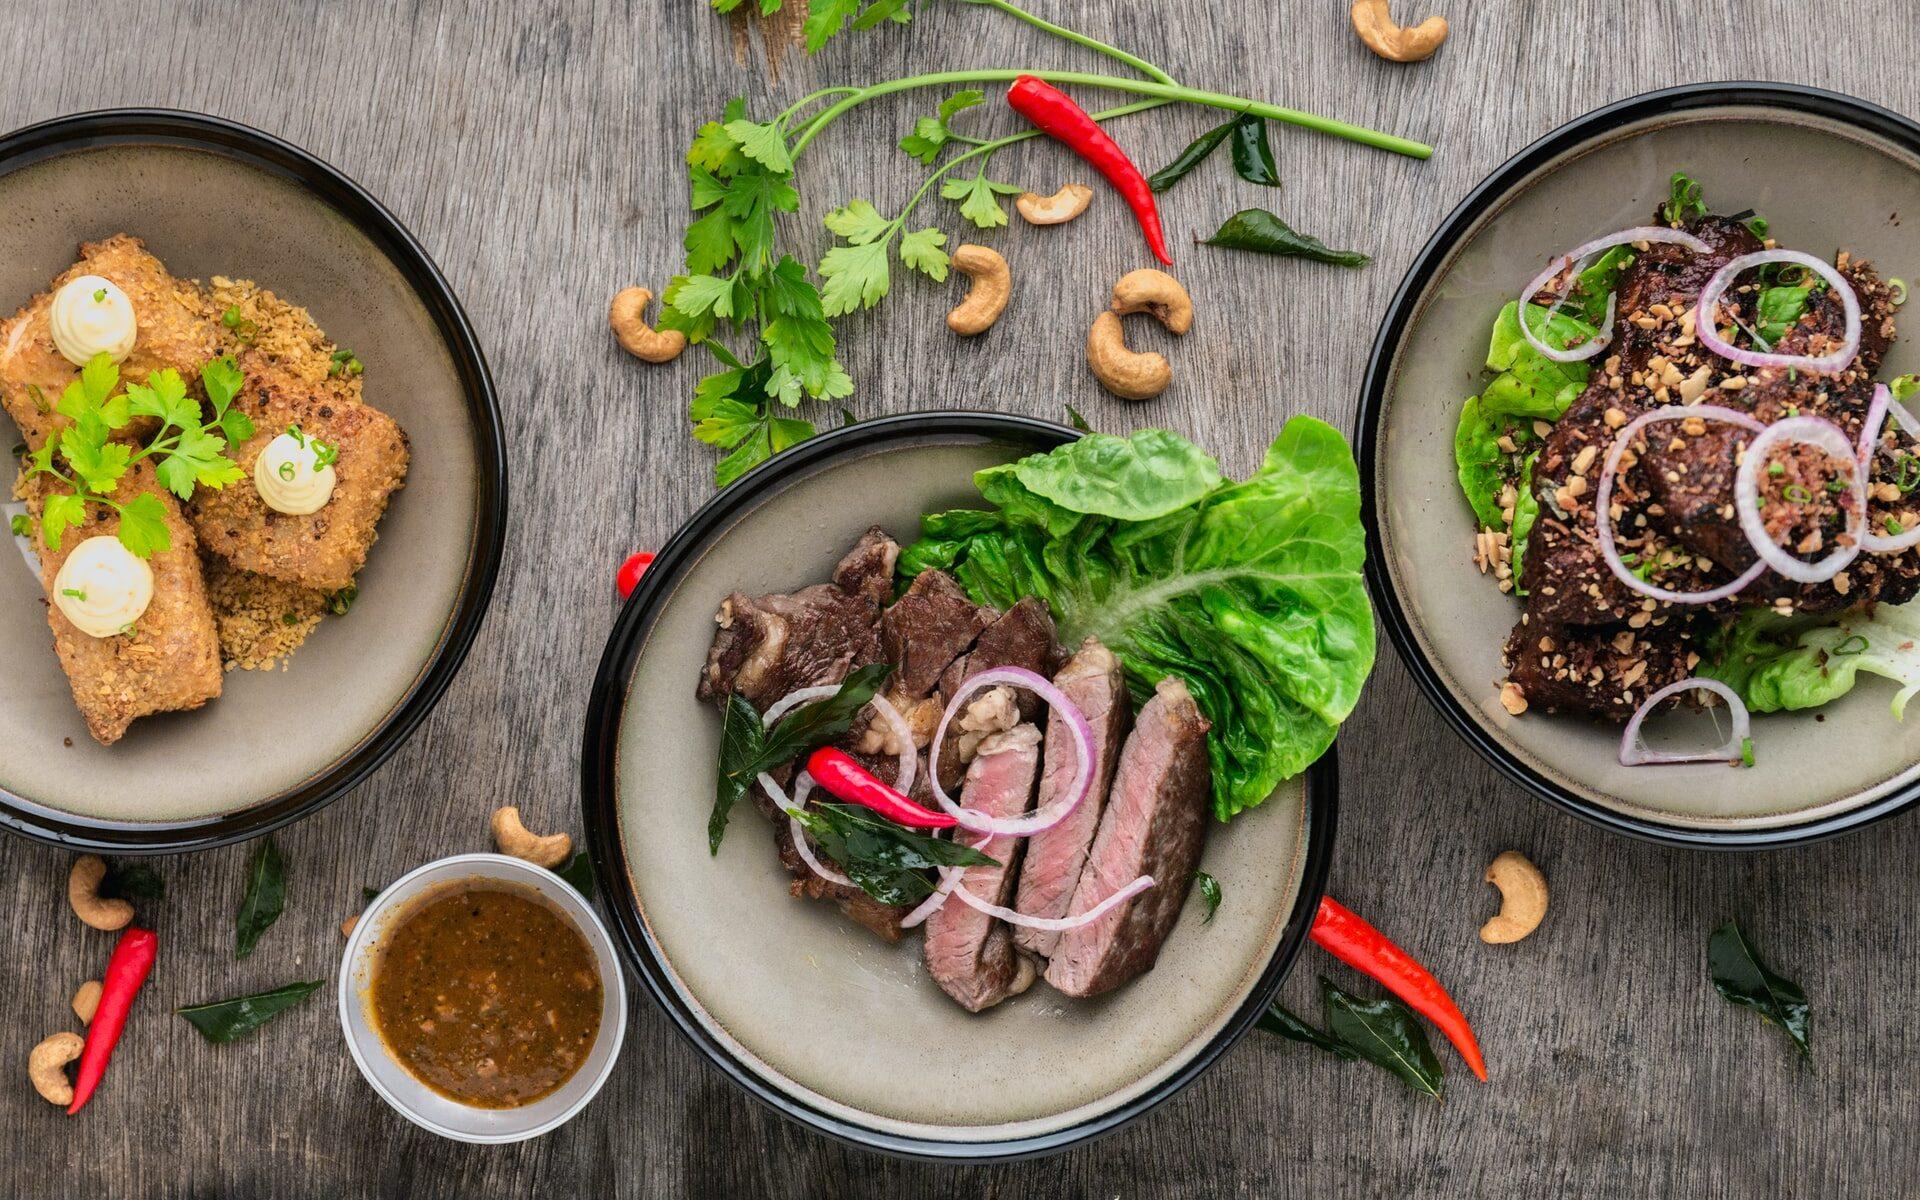 Pöytä, jolla on erilaisia itämaisia ruokia. Pöytälevyn päälle on aseteltu chilipaprikoita, korianteria ja cashewpähkinöitä.